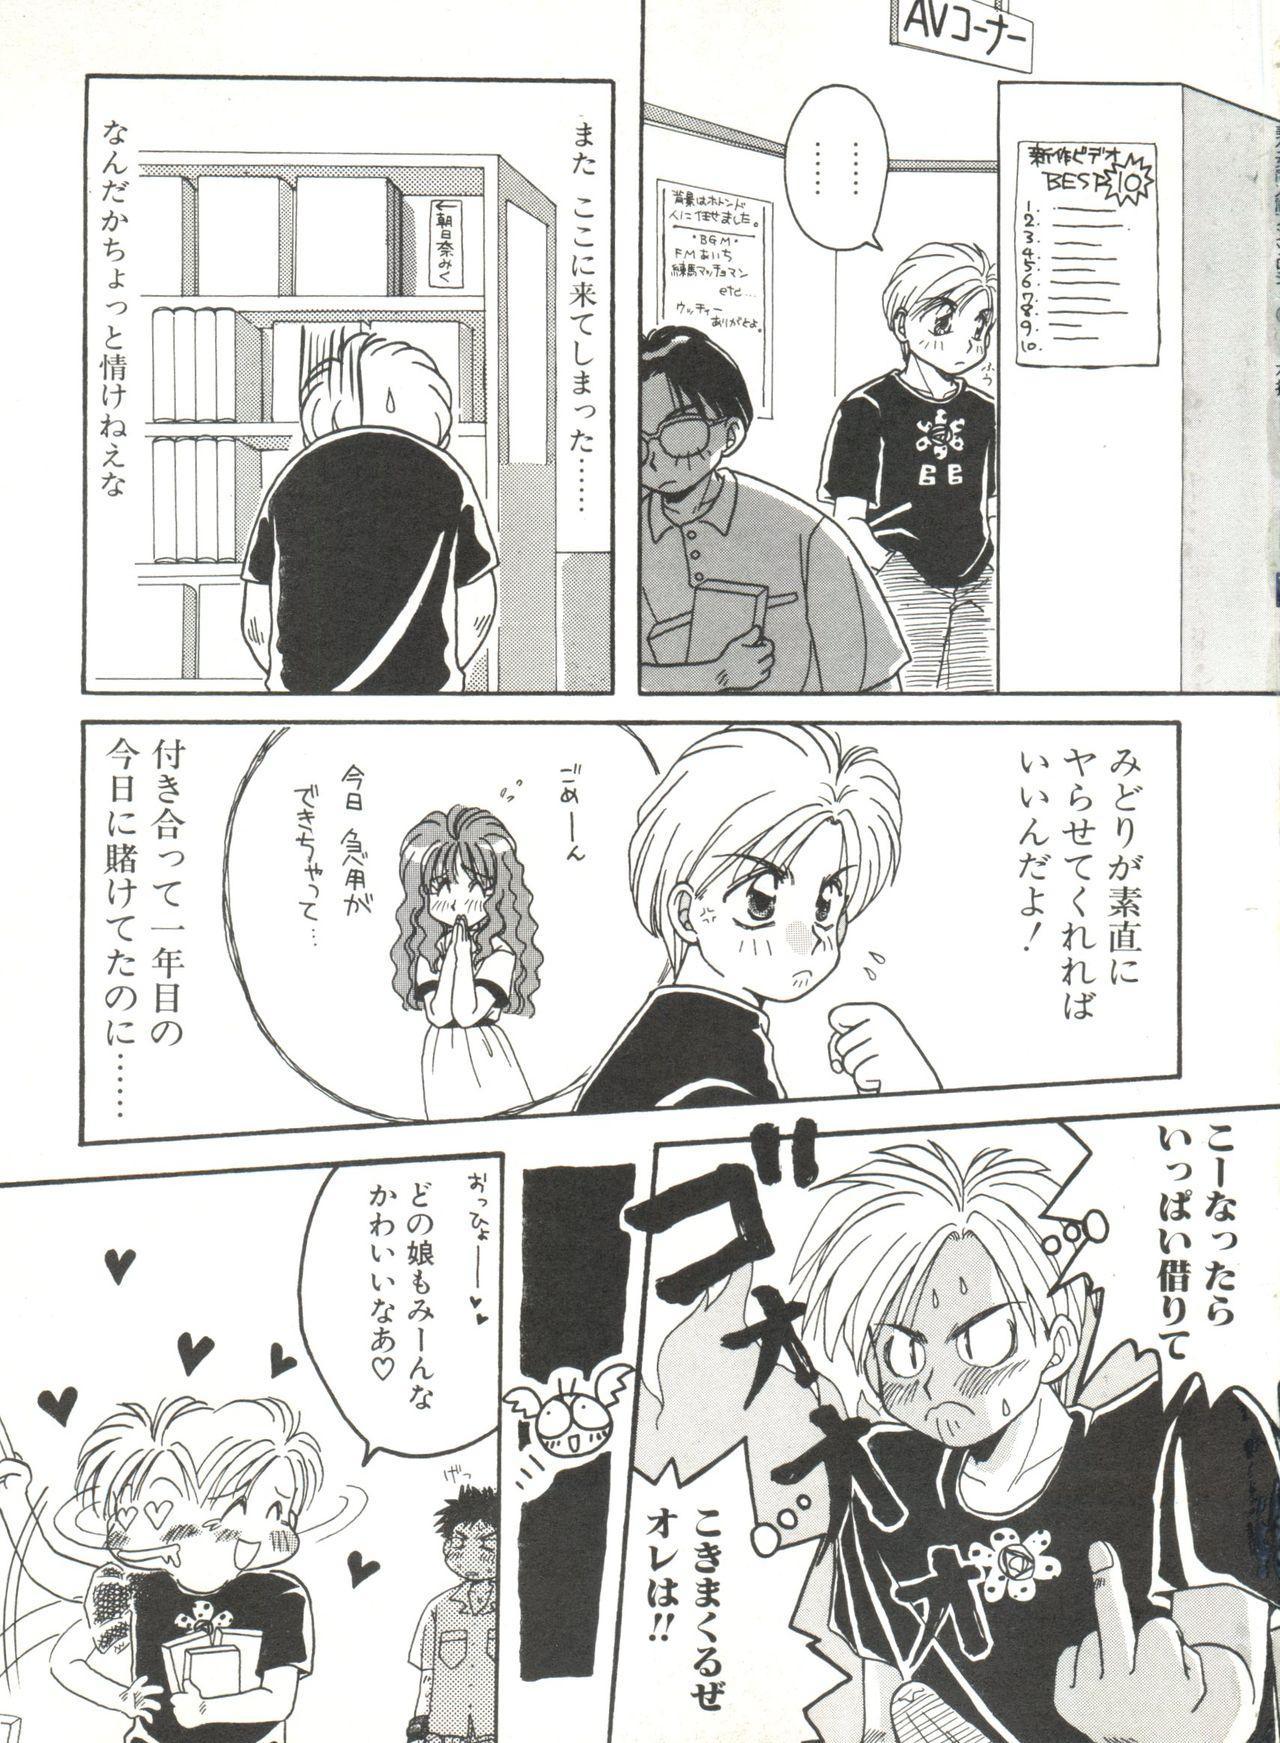 Bishoujo Doujinshi Anthology 6 84